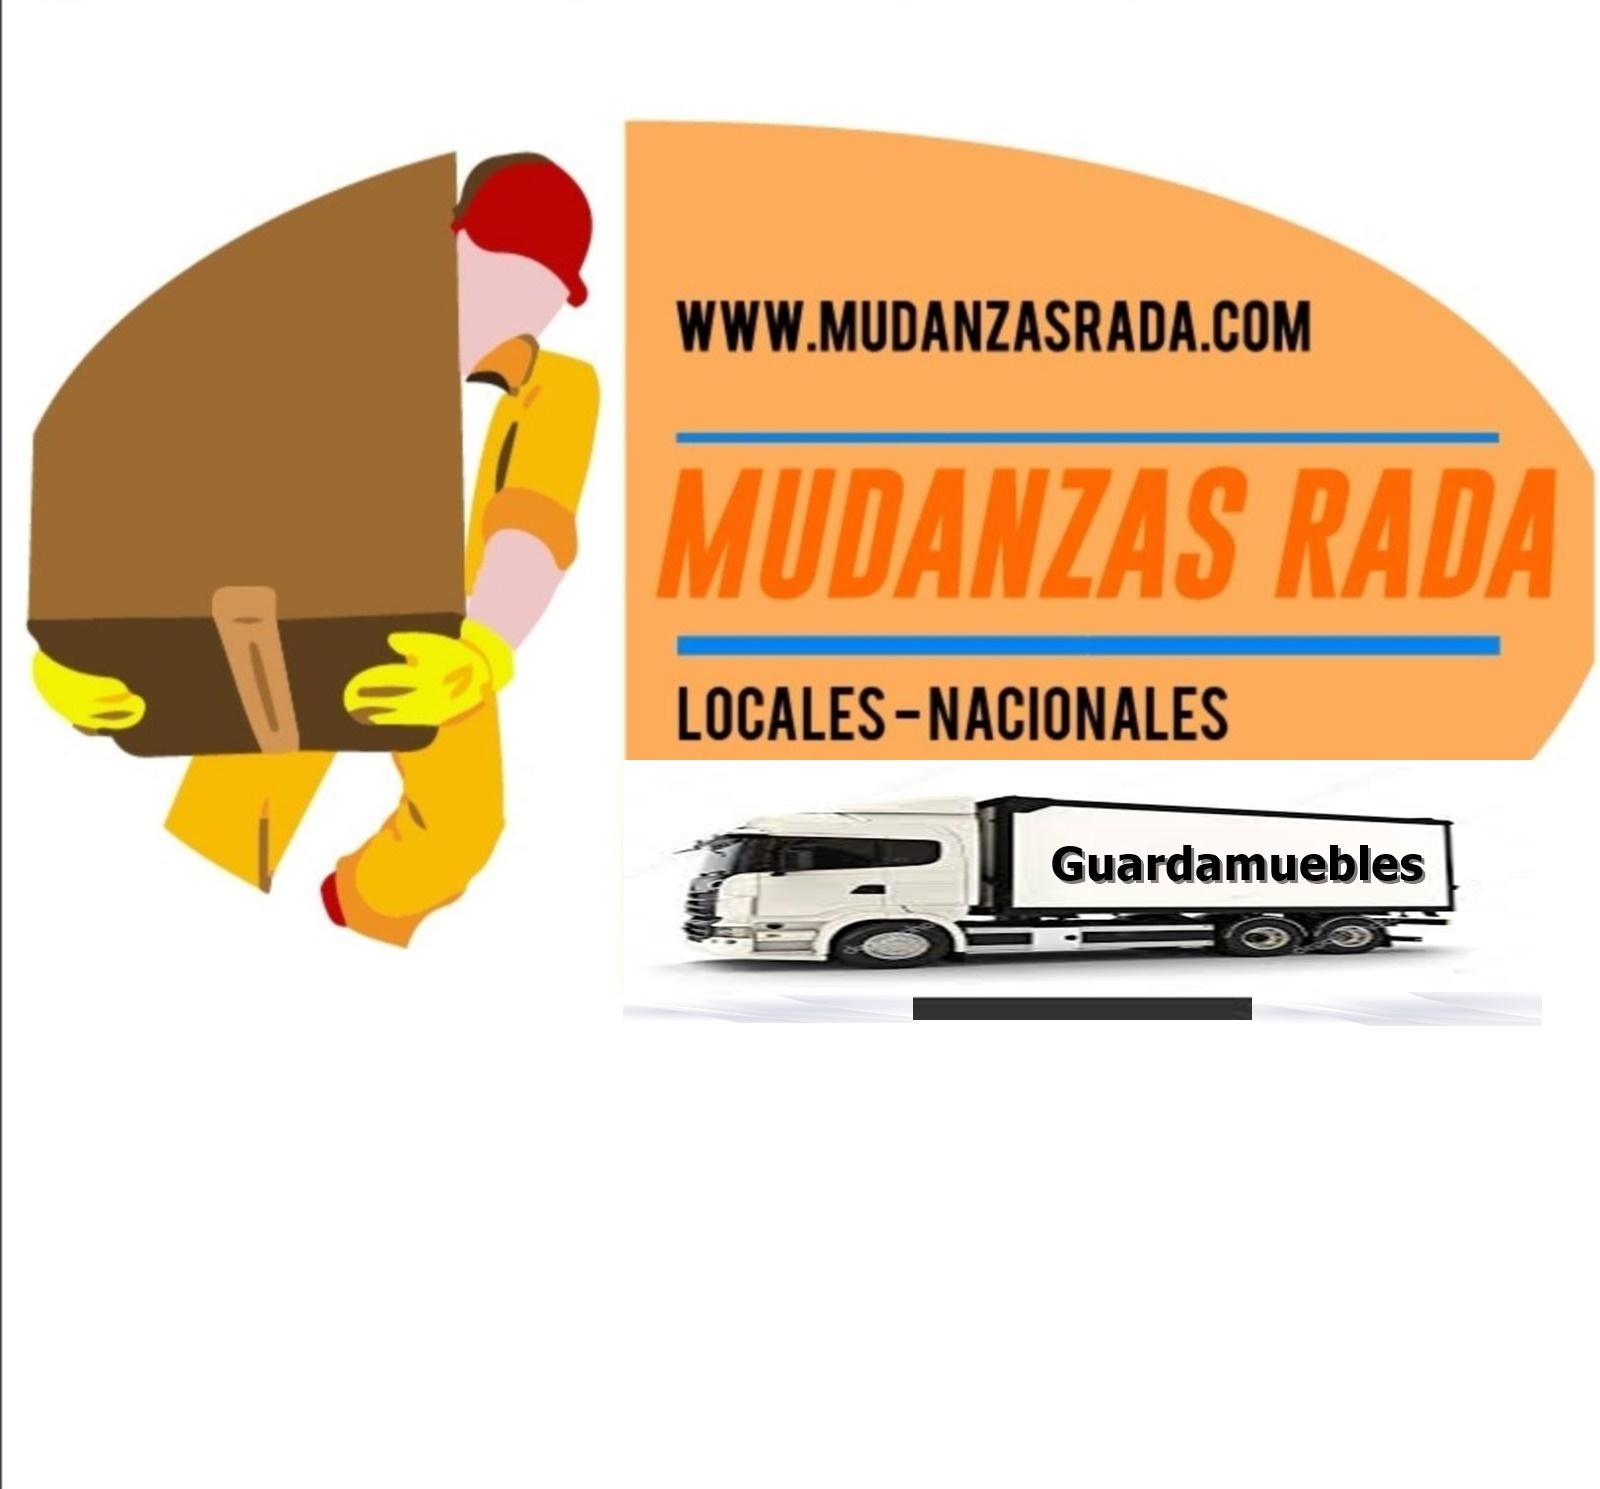 Mudanzas Rada